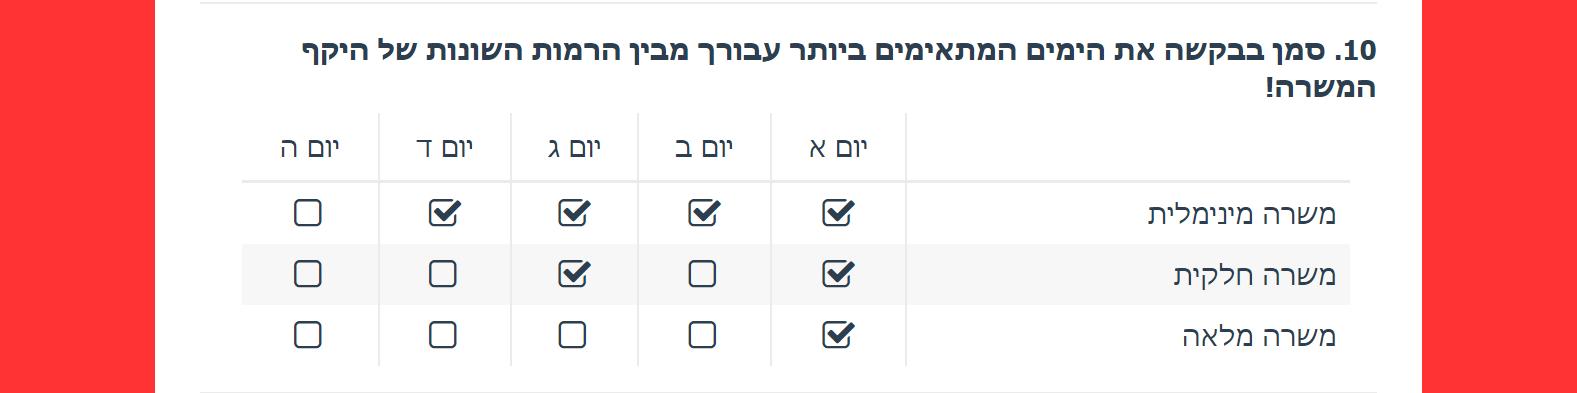 טבלת בחירה מרובה- Checkbox Grid. סוגי שאלות בבניית ויצירת שאלון סקר.